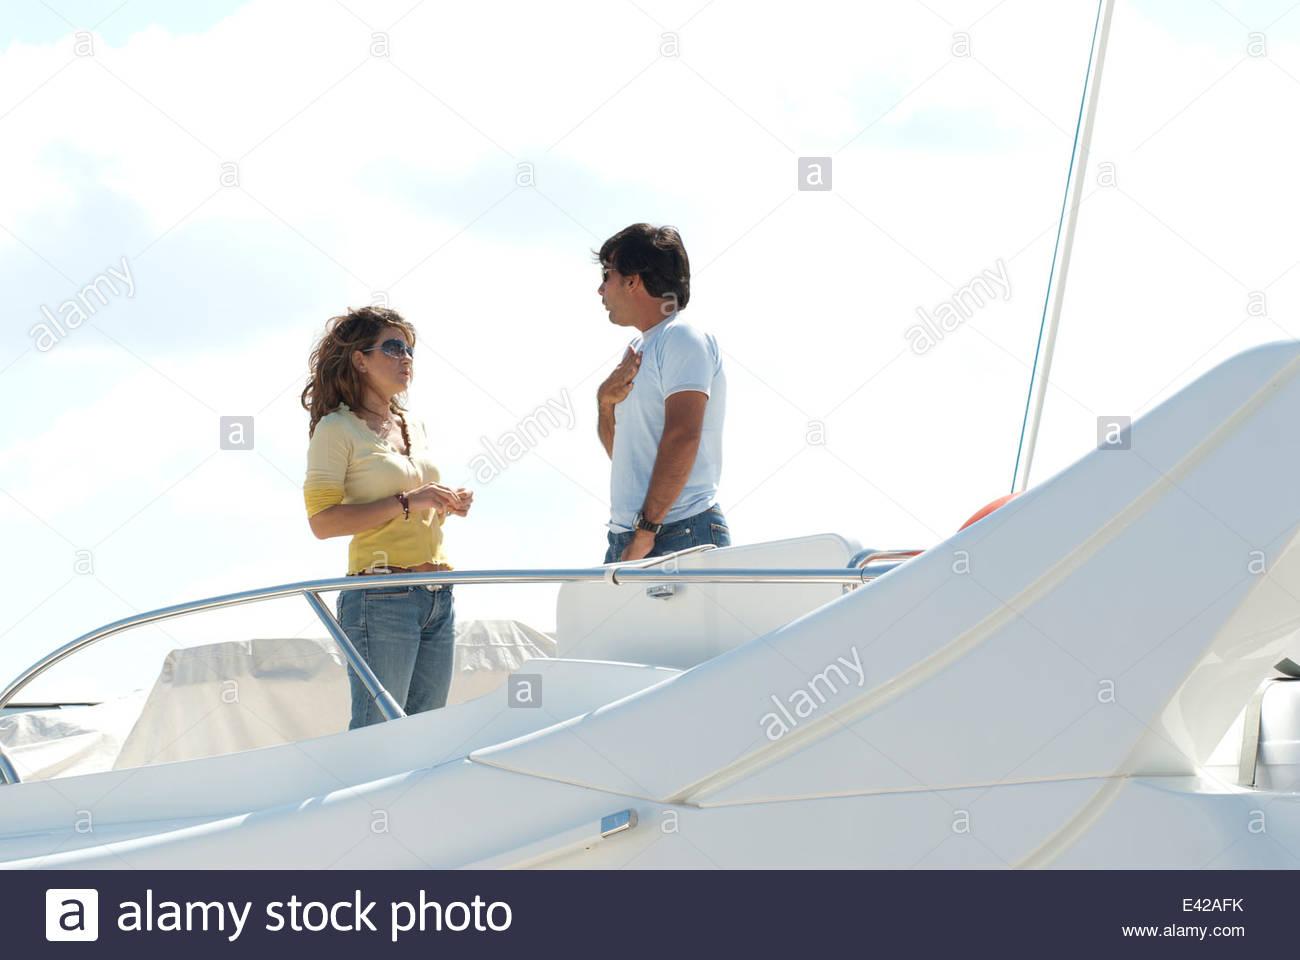 Reichen nicht-auffällige paar an Bord ihrer Yacht in Tiefe Diskussion Stockbild